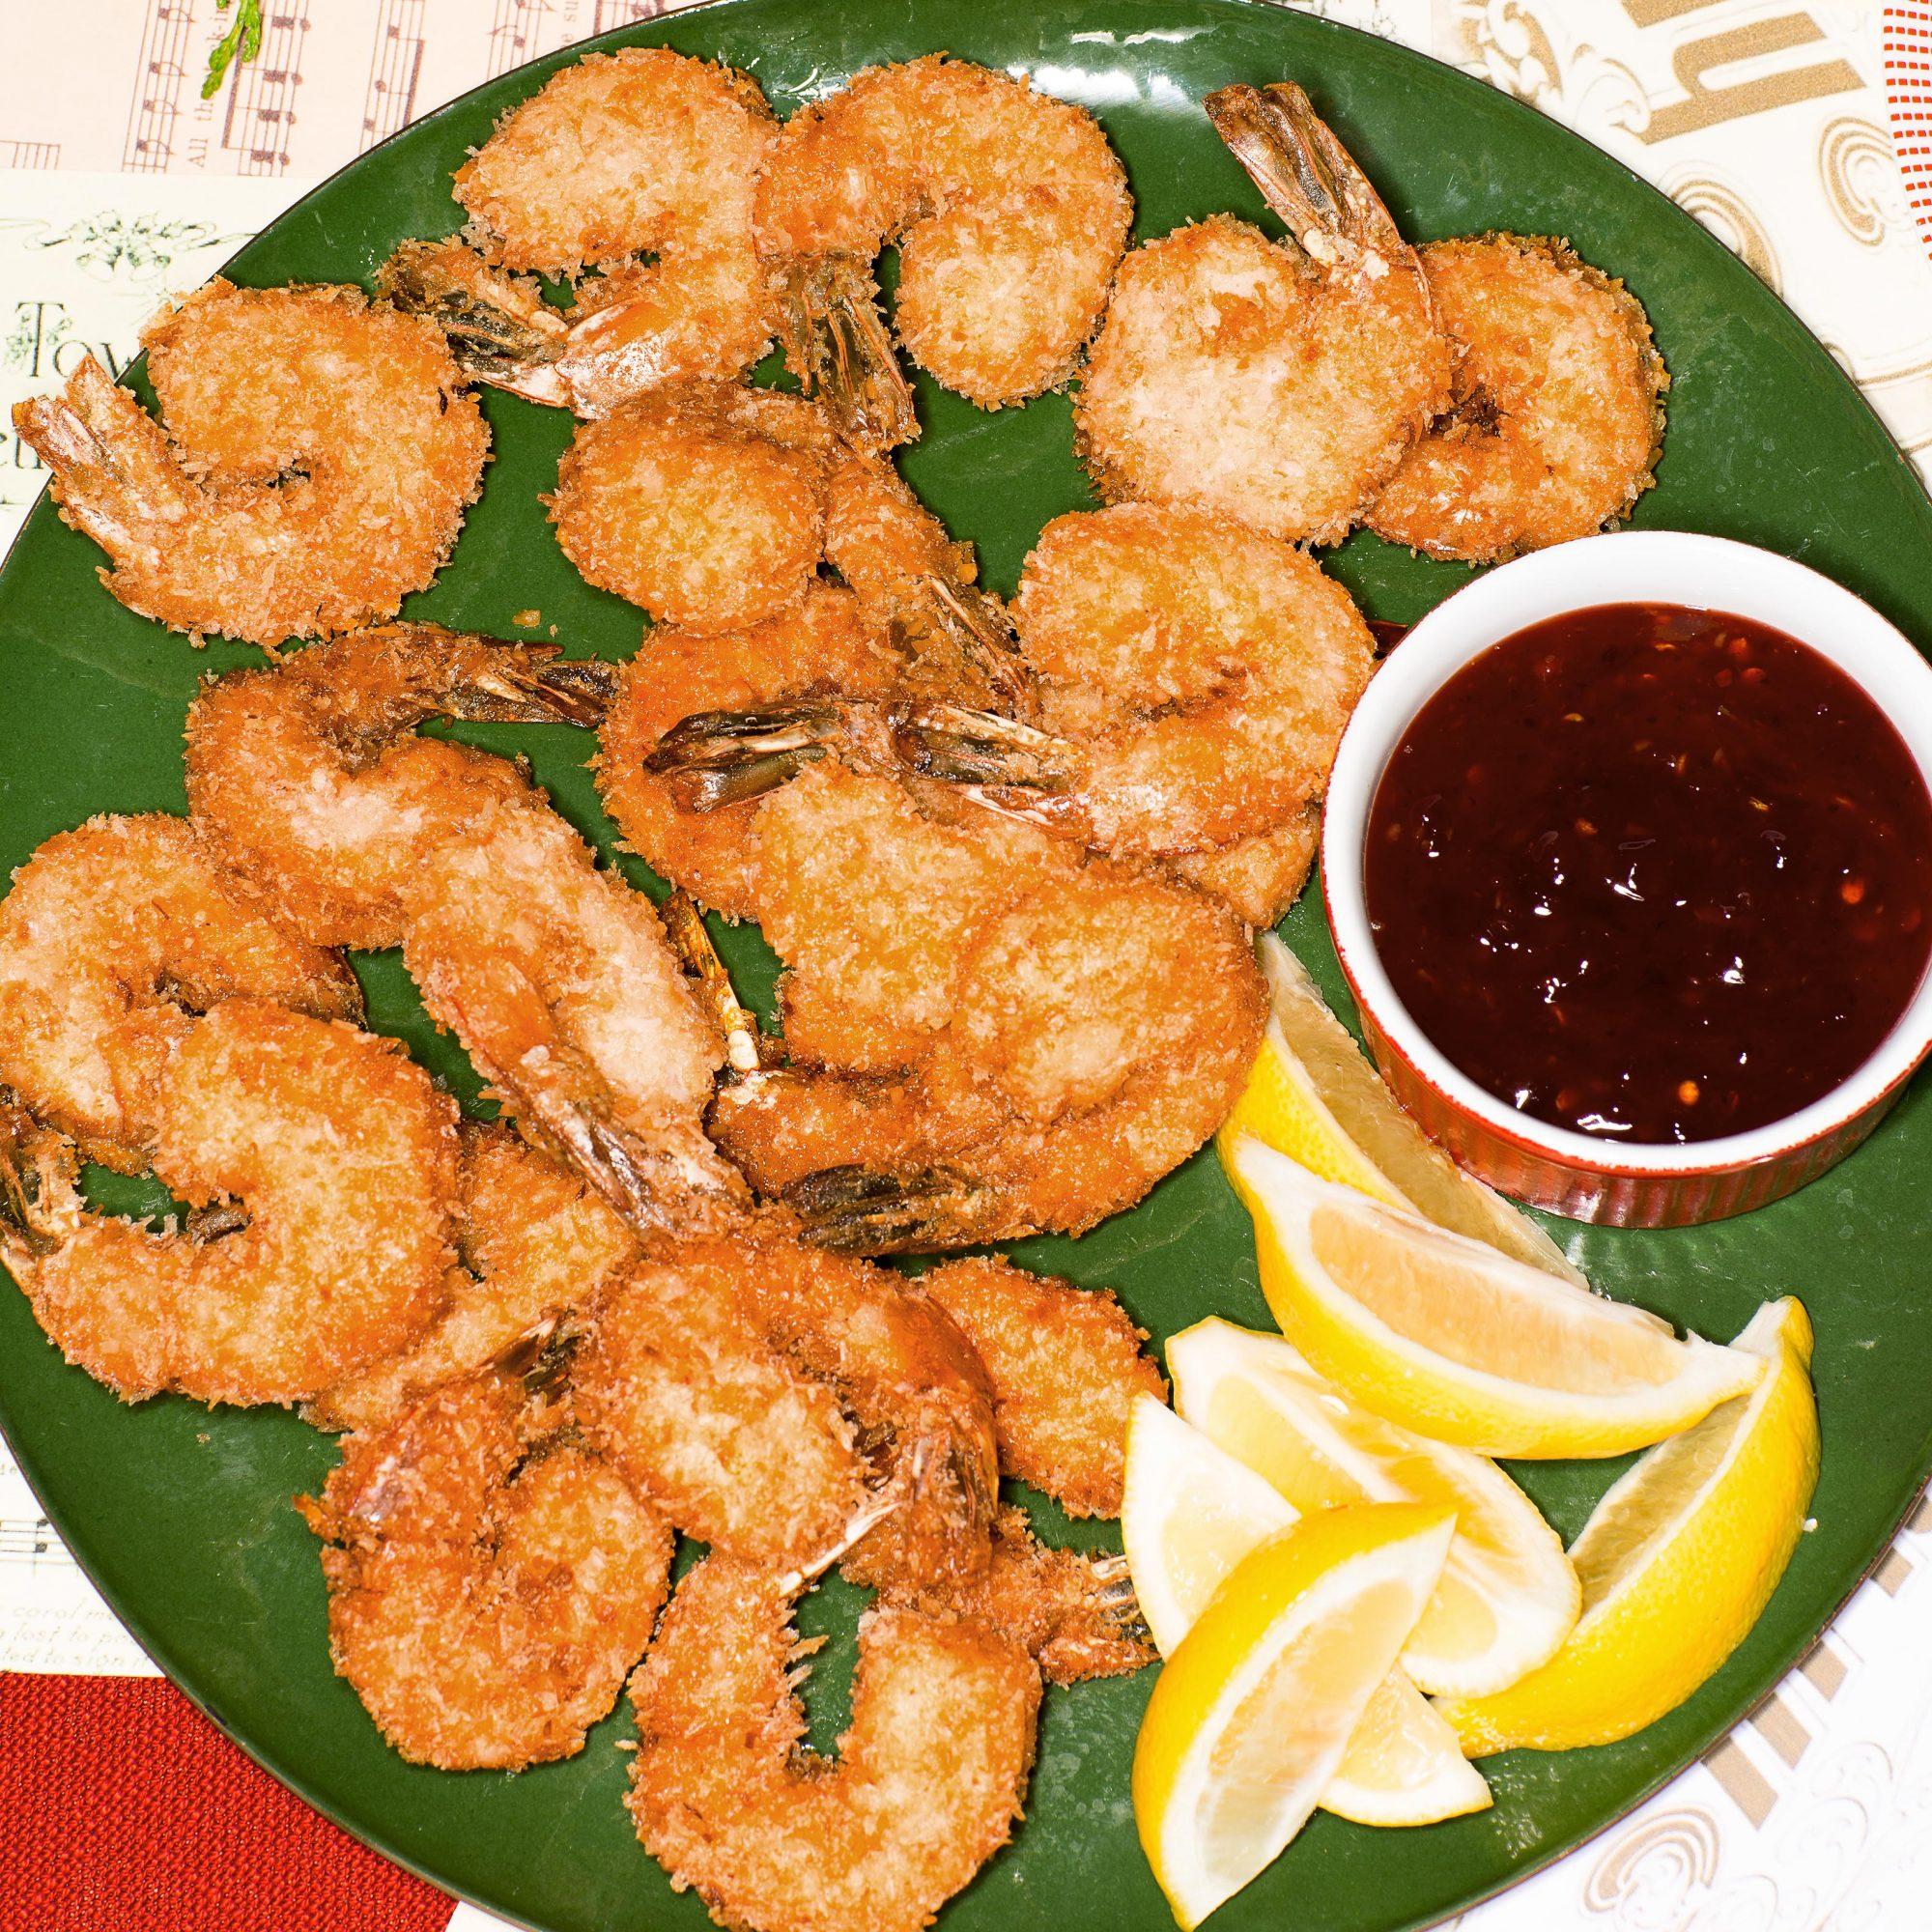 Jingle Bell Rock Shrimp